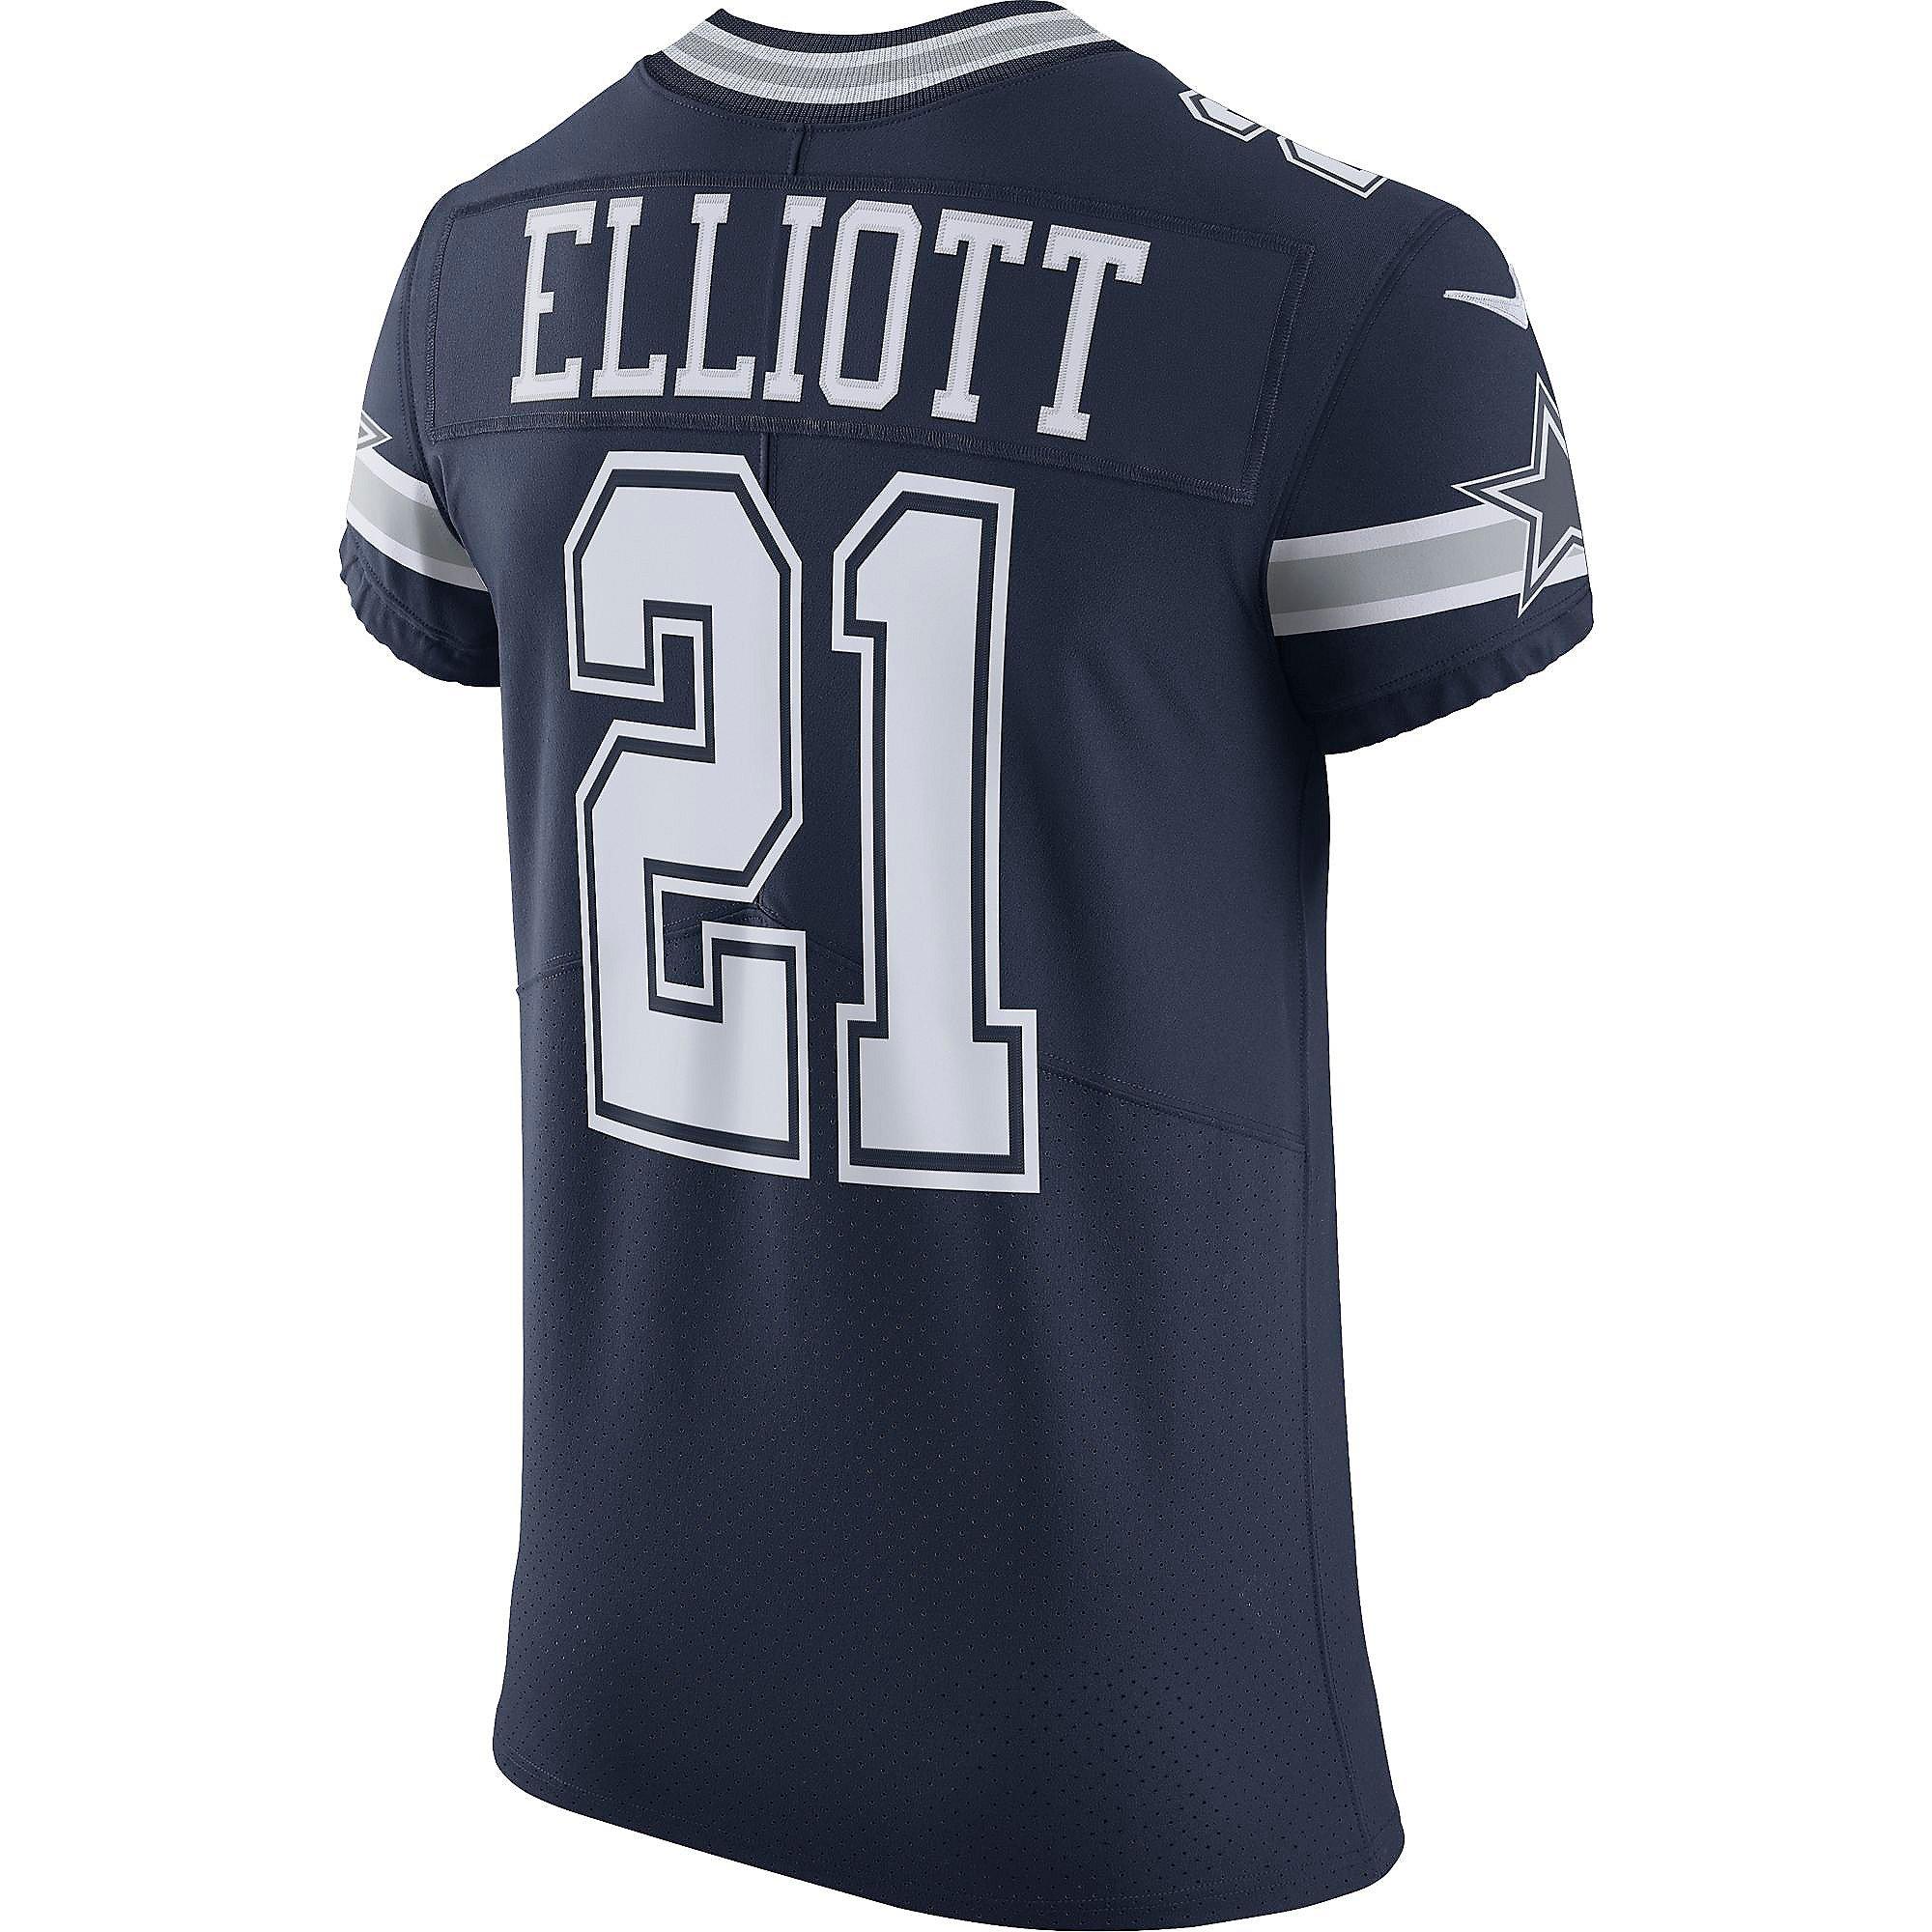 Dallas Cowboys Ezekiel Elliott #21 Nike Navy Vapor Elite Authentic Jersey